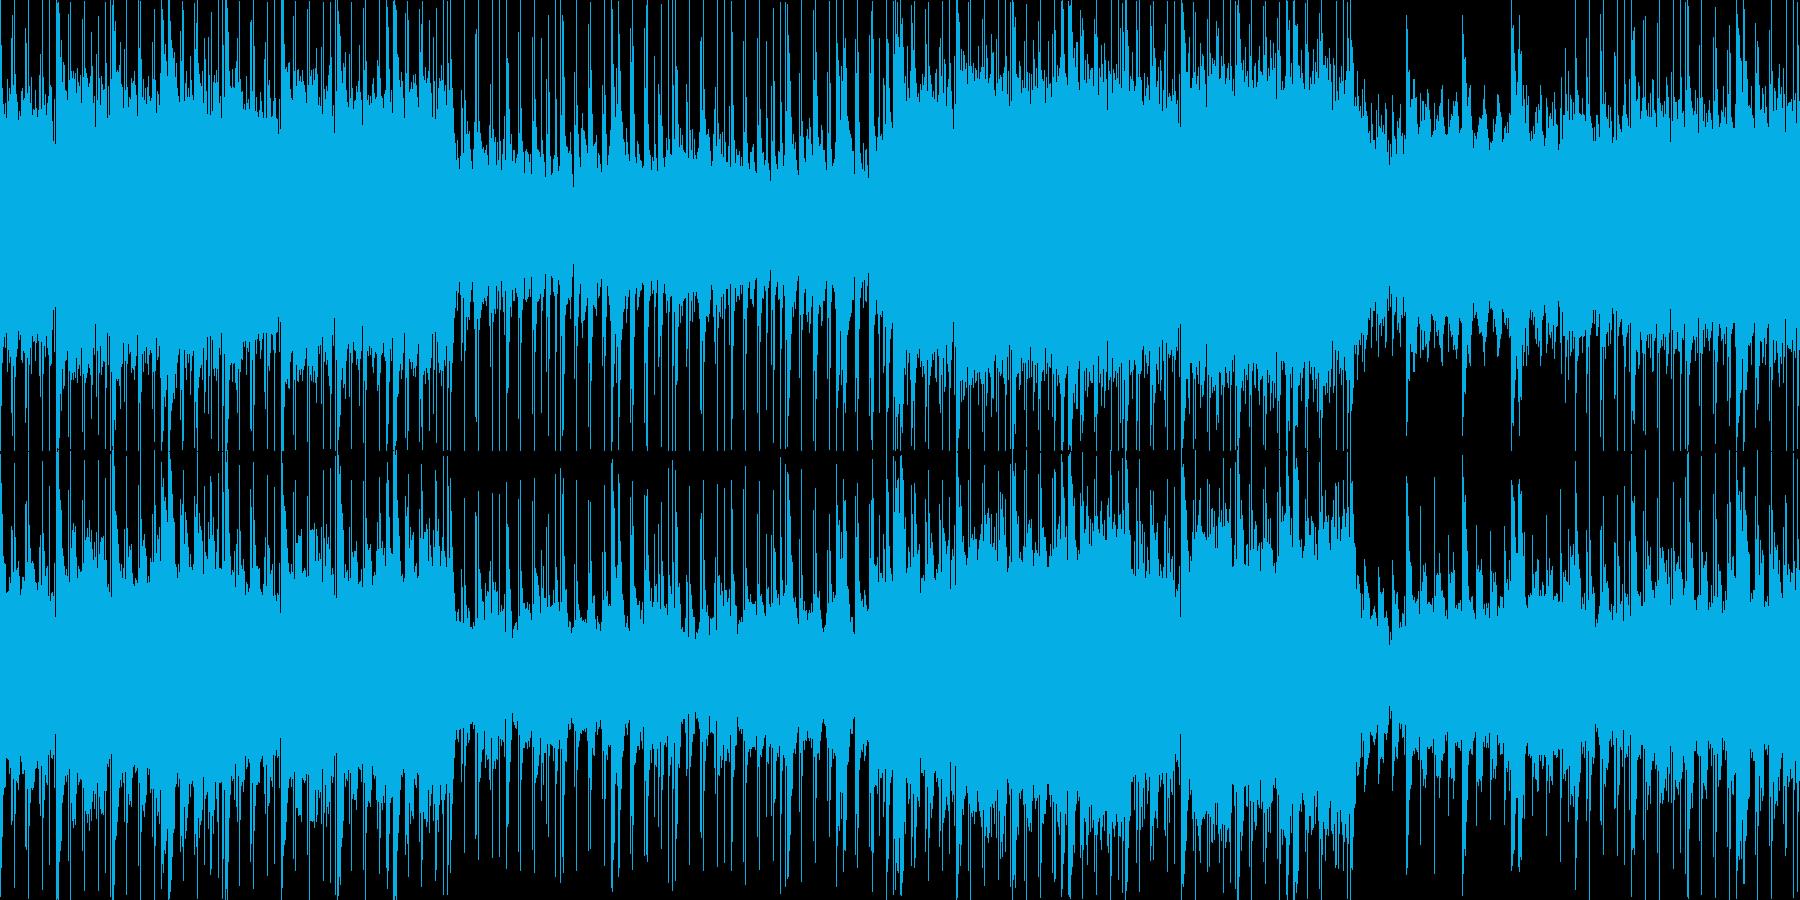 少し不気味で洞窟探検をするような曲の再生済みの波形